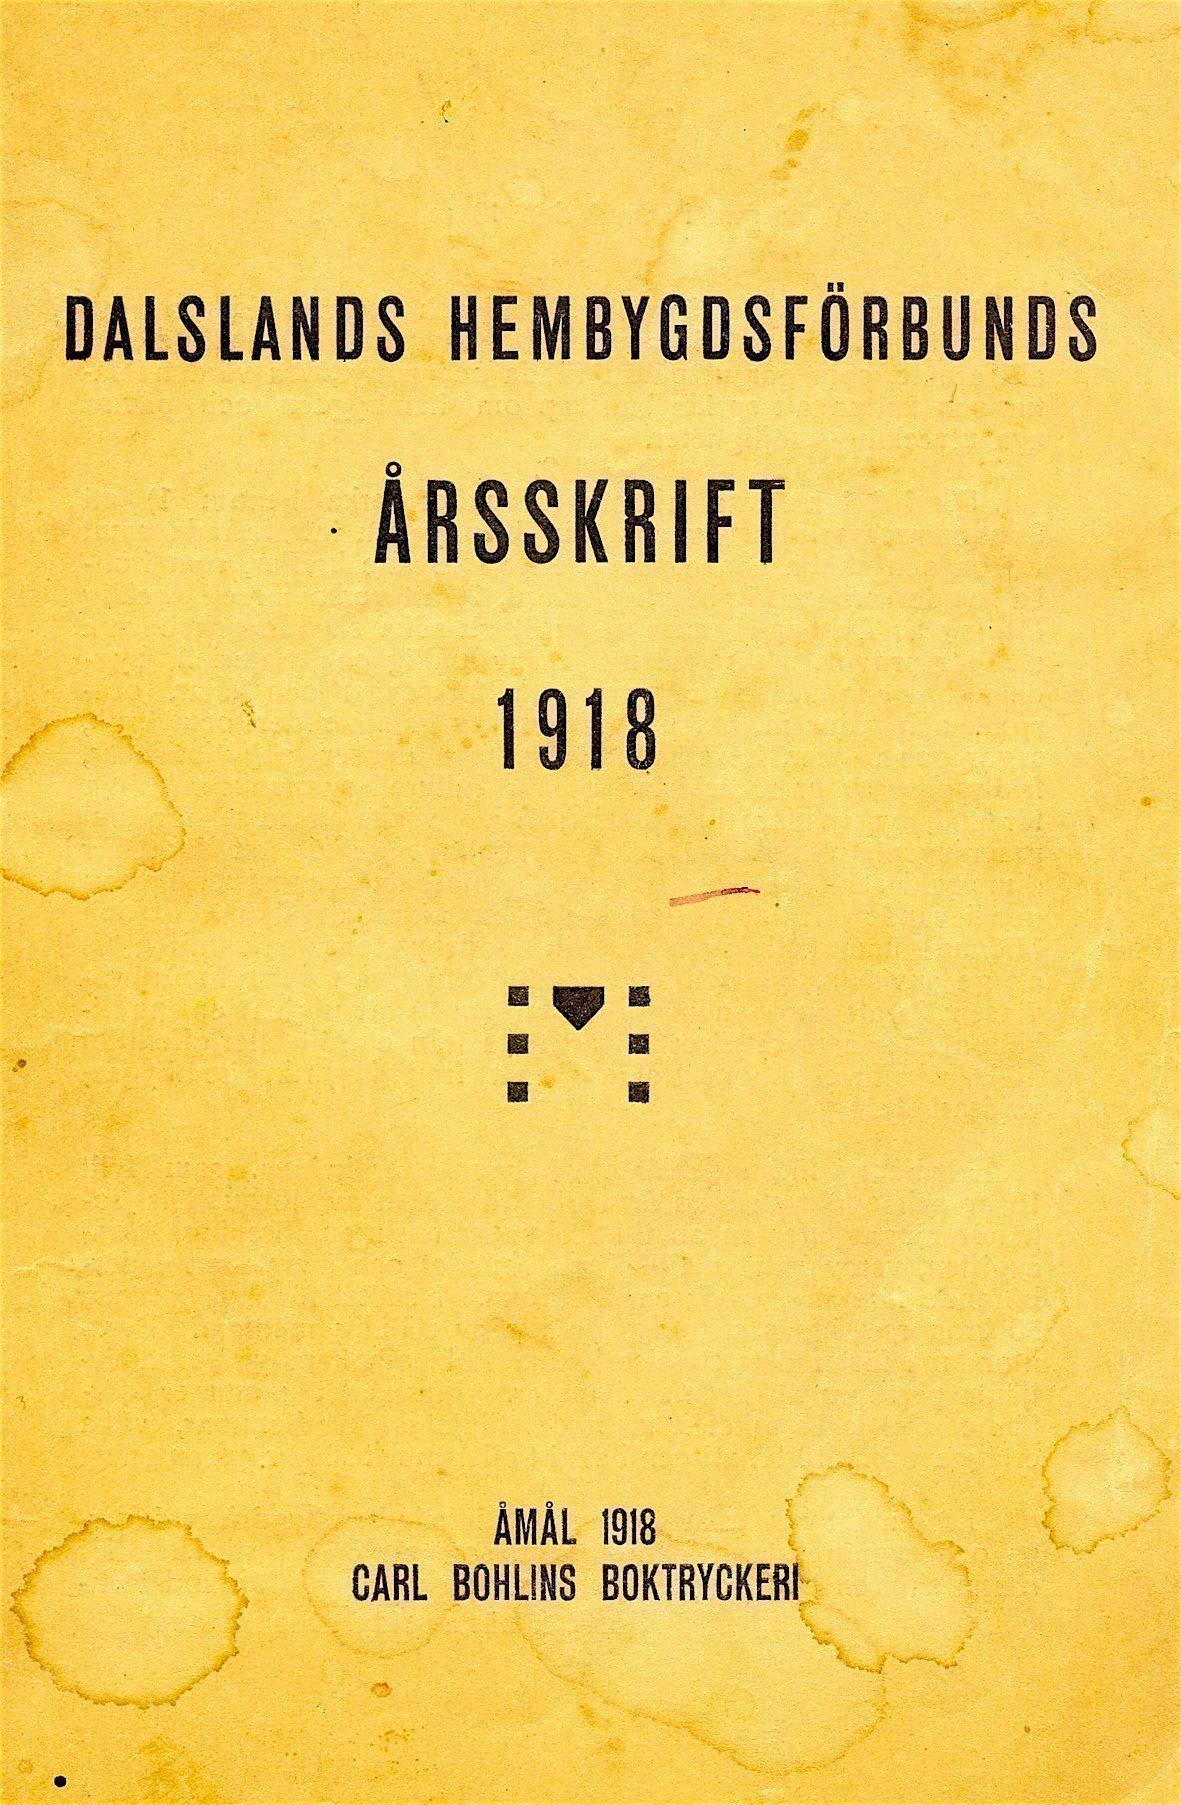 Eftersökt: Dalslands Hembygdsförbund 100 år 2018. Den första årsskriften,1918.